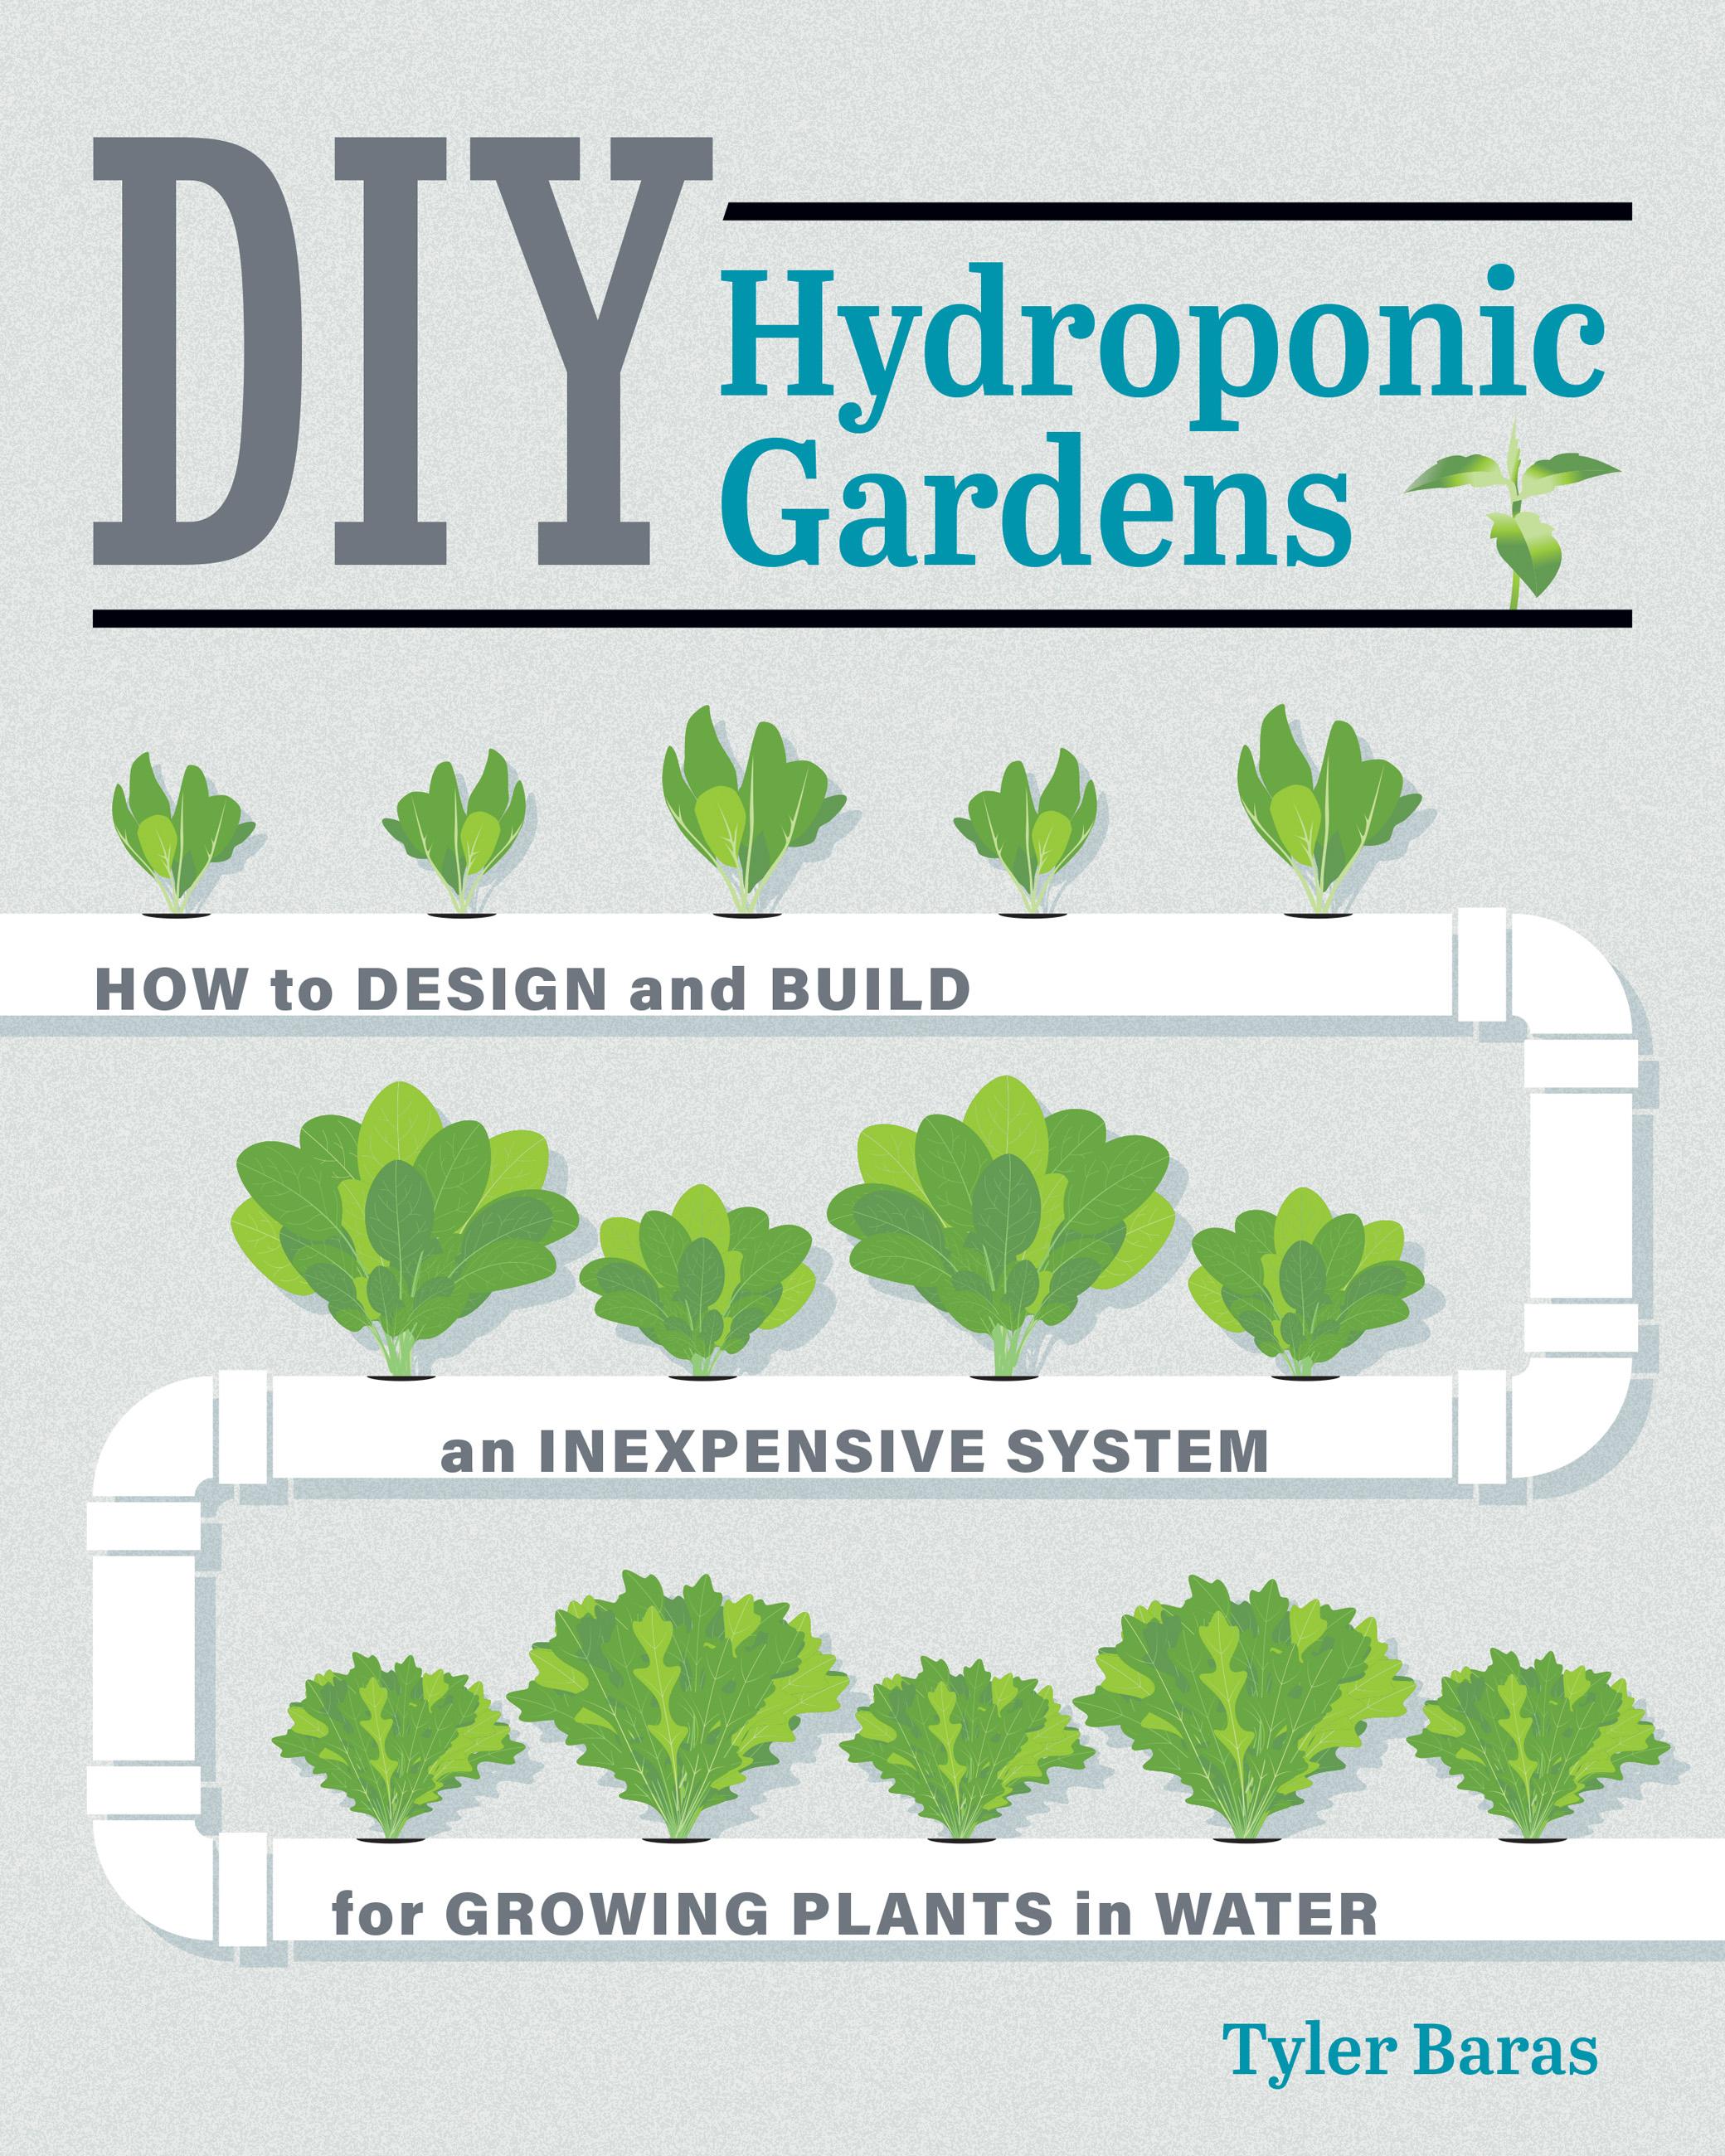 DIY Hydroponic Gardens - Tyler Baras - 9780760357590 - Murdoch books